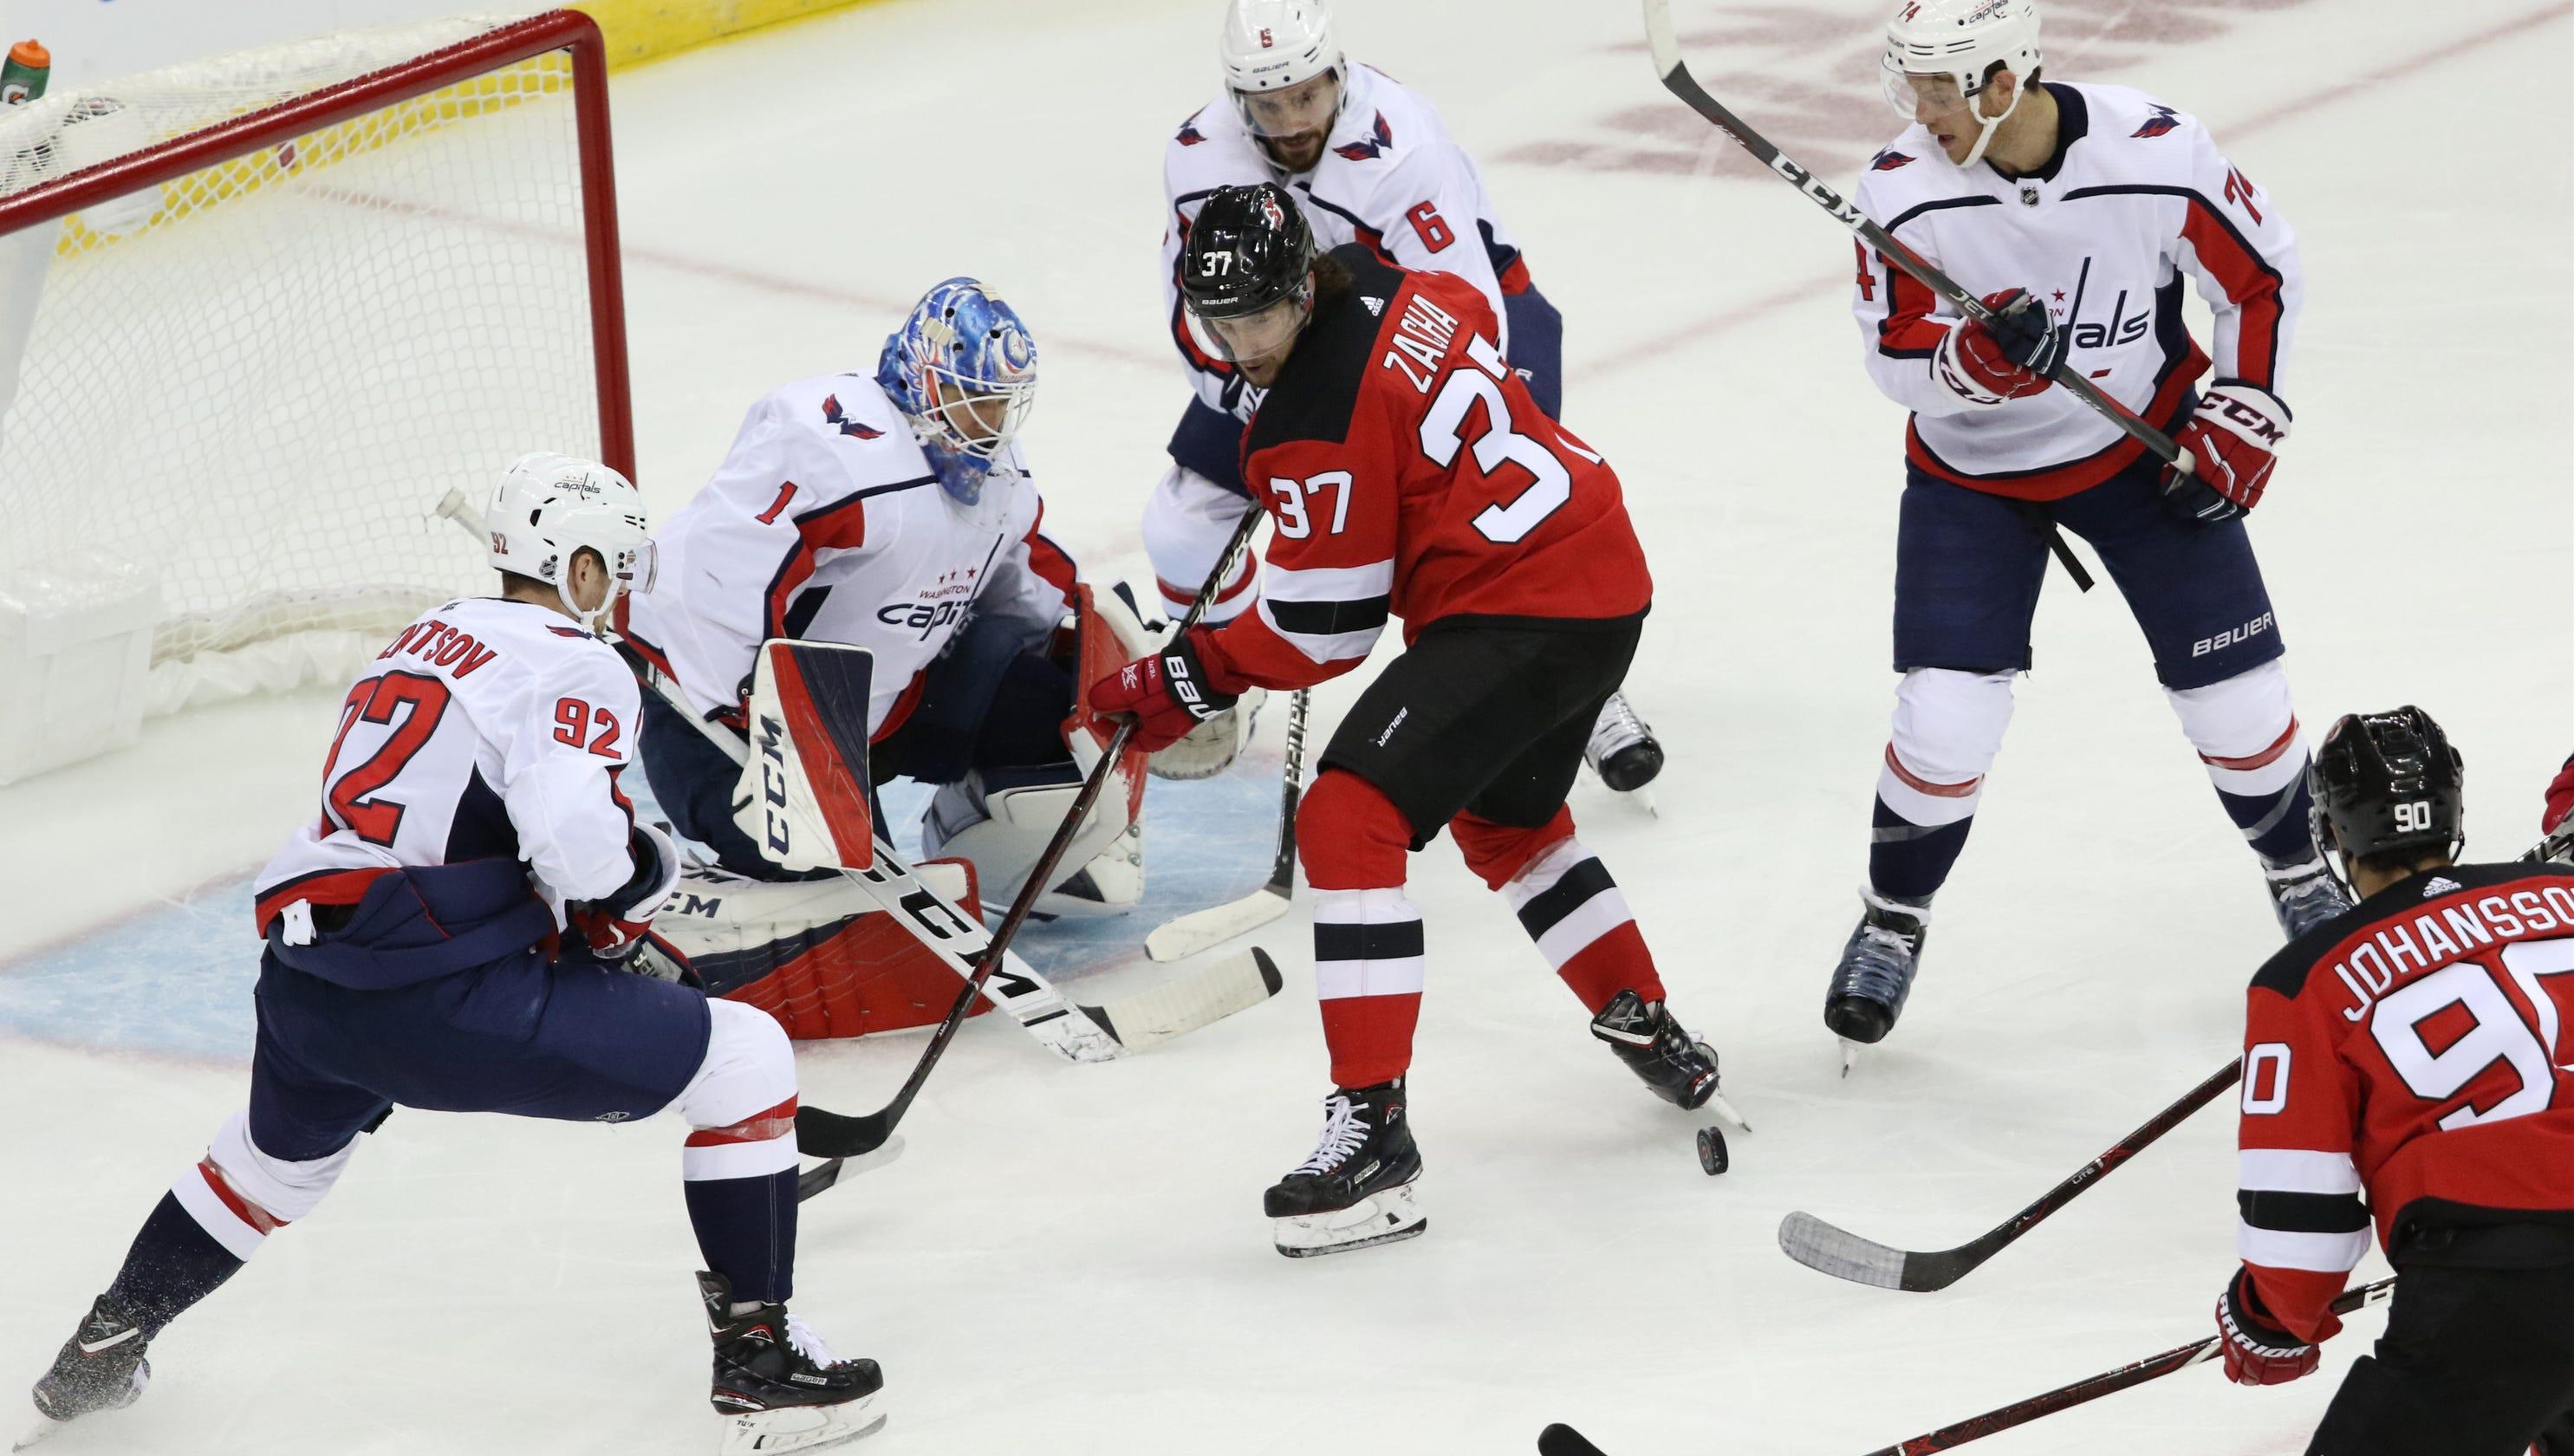 f46d47e05 What NJ Devils' Pavel Zacha showed against Capitals